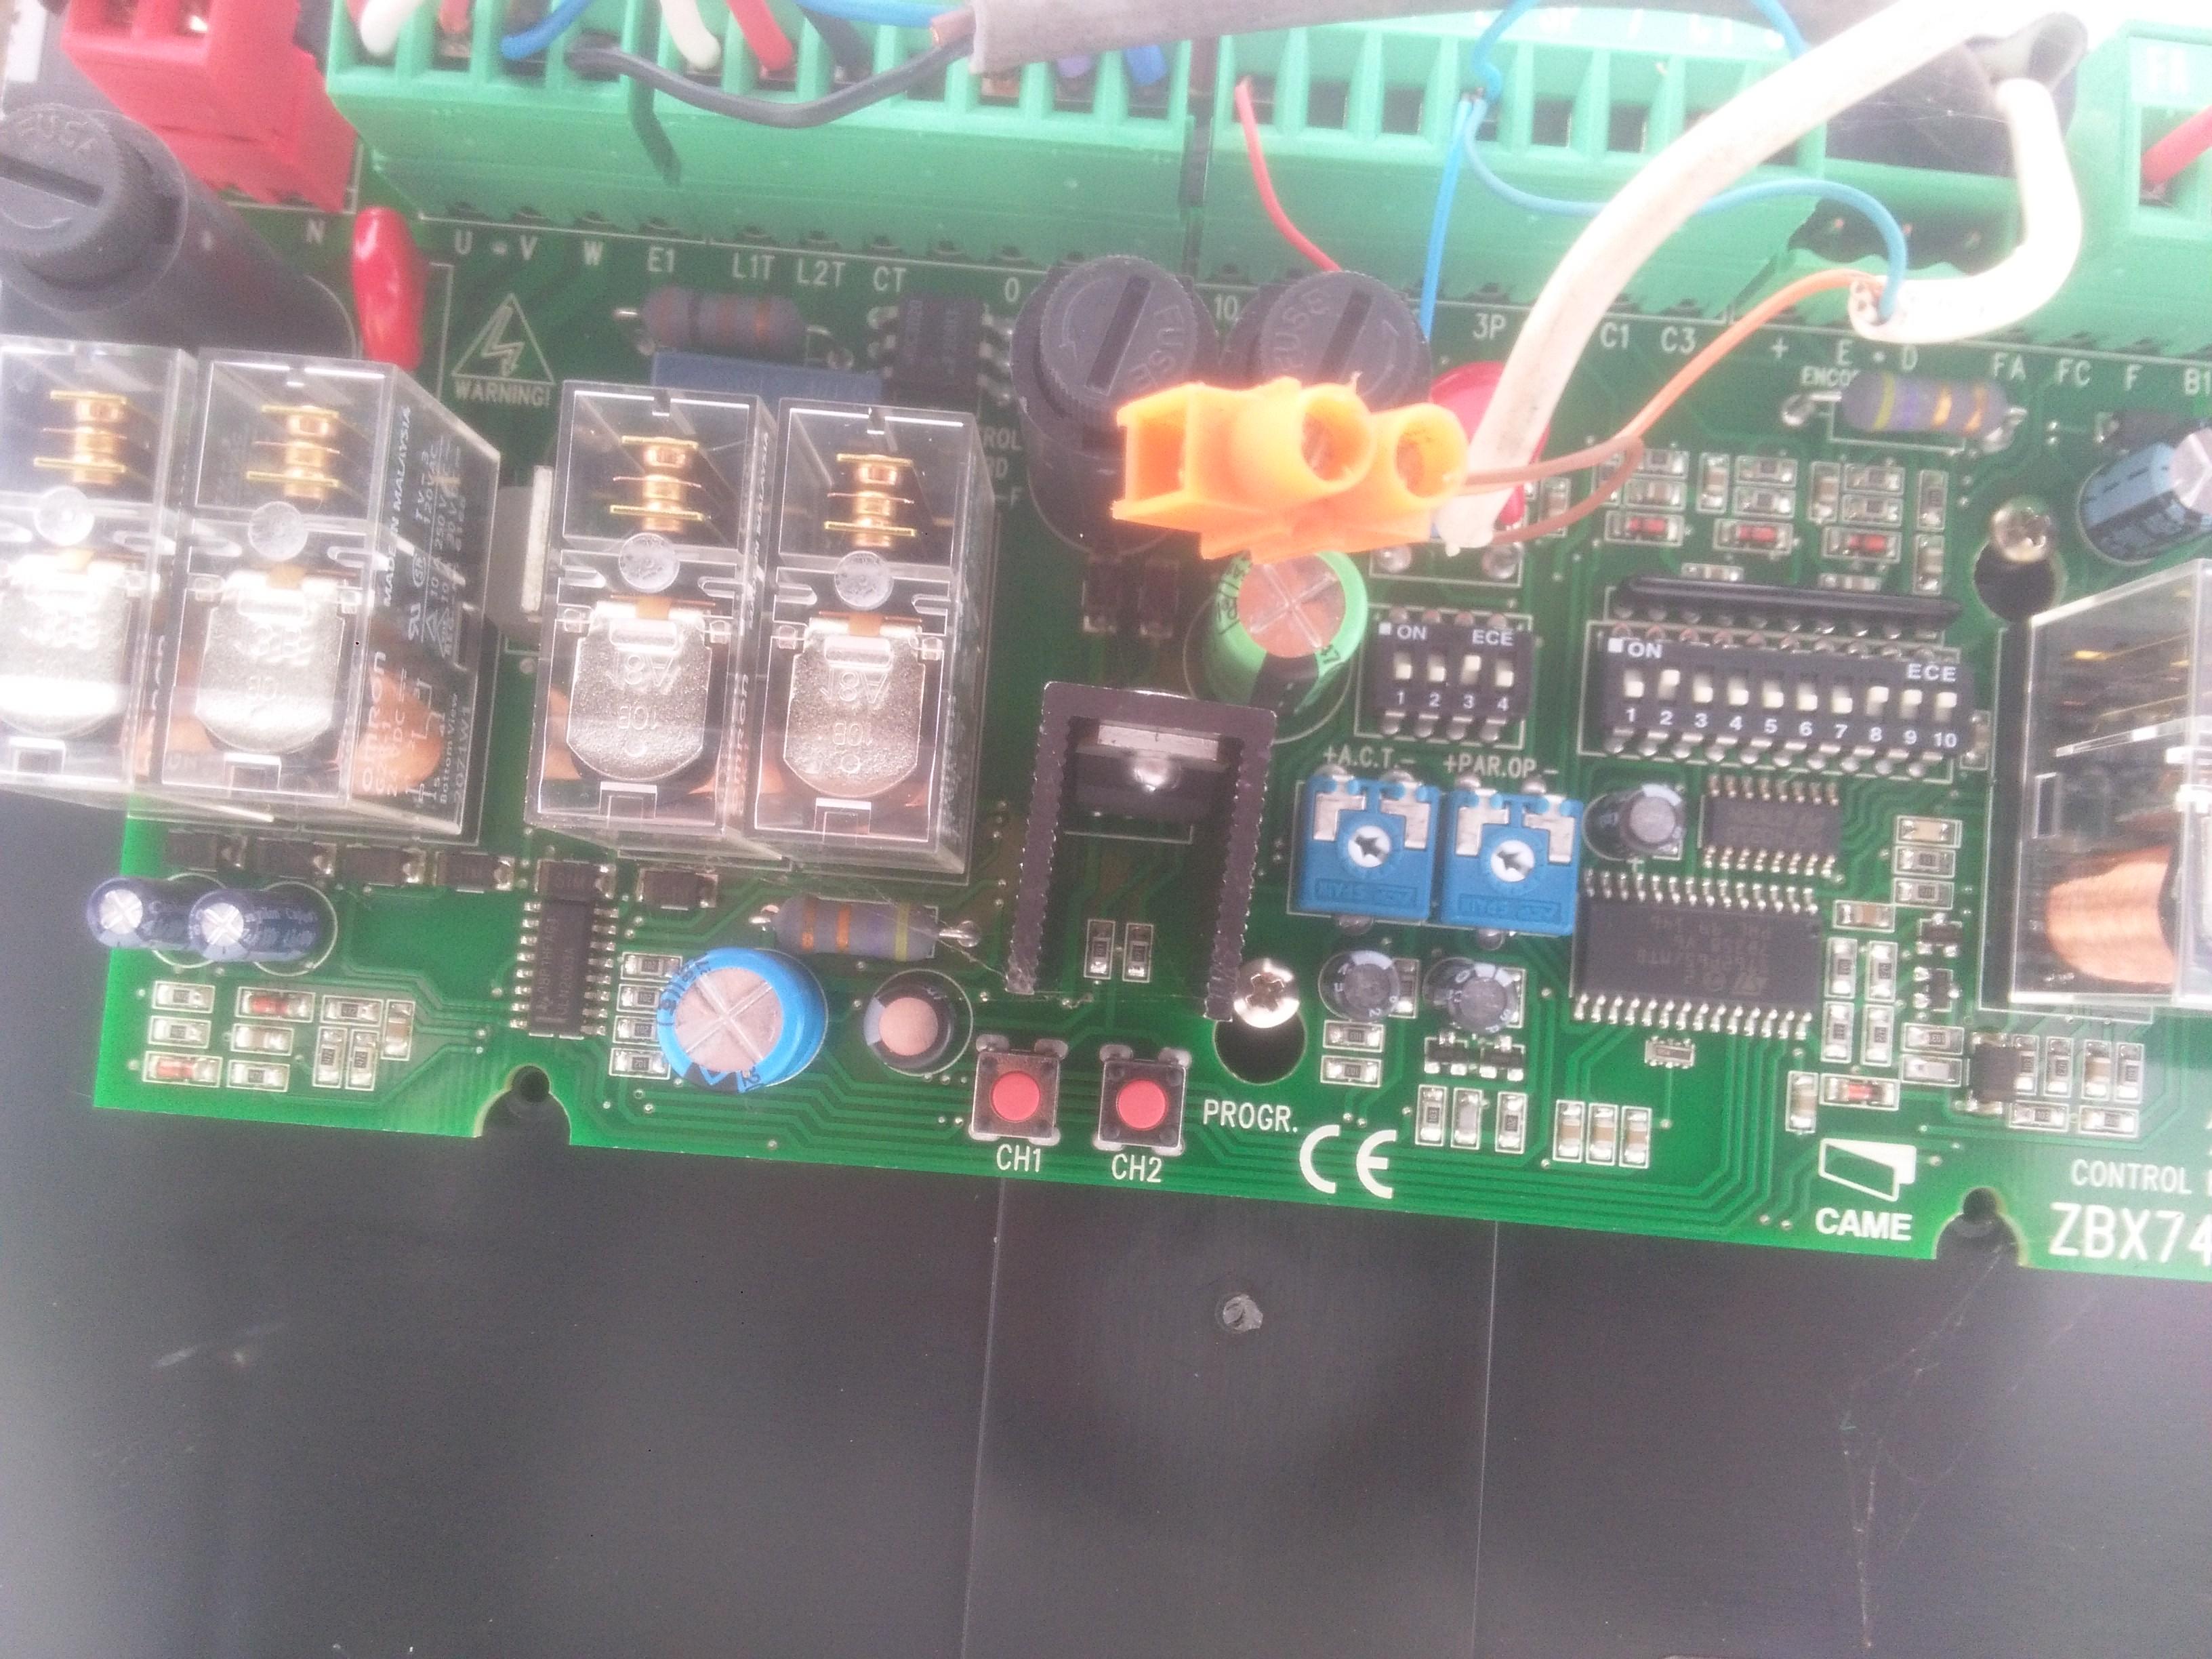 Schema Elettrico Zbx74 78 : Napęd bramy zbx nie zamyka się elektroda pl